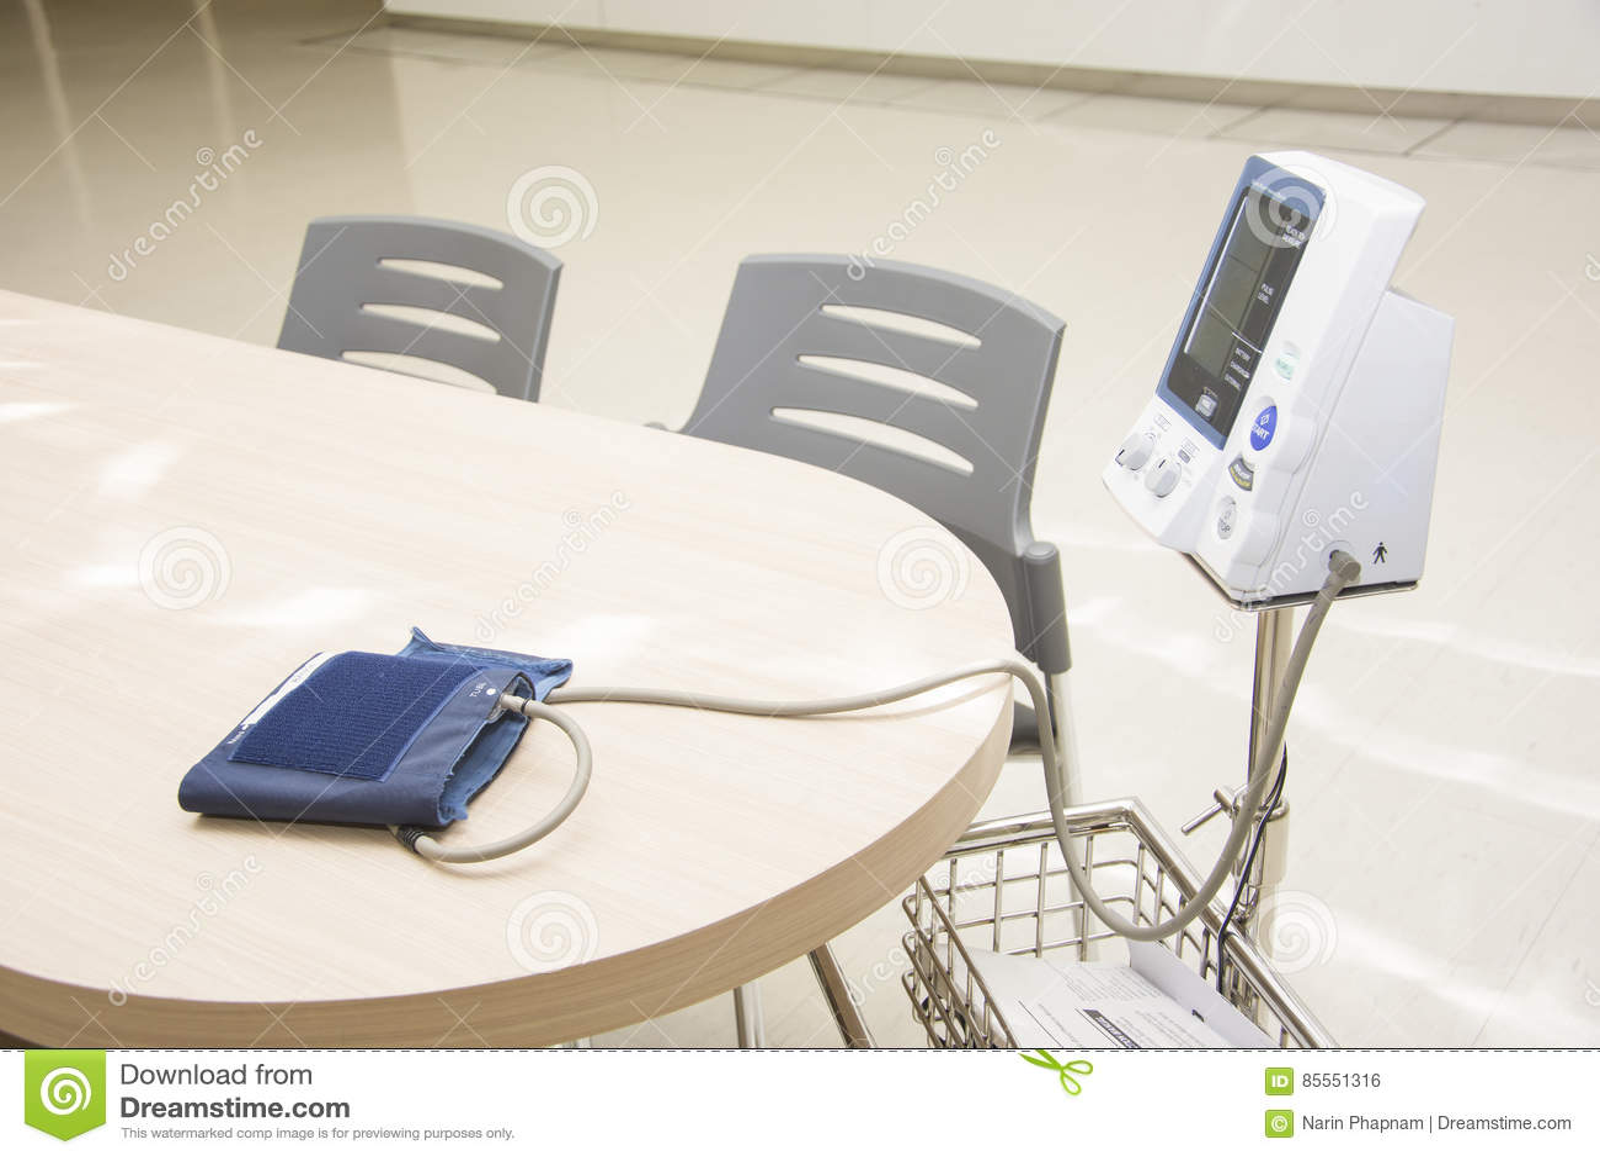 Digital-Blutdruck-Monitorkubikfüße auf dem Schreibtisch